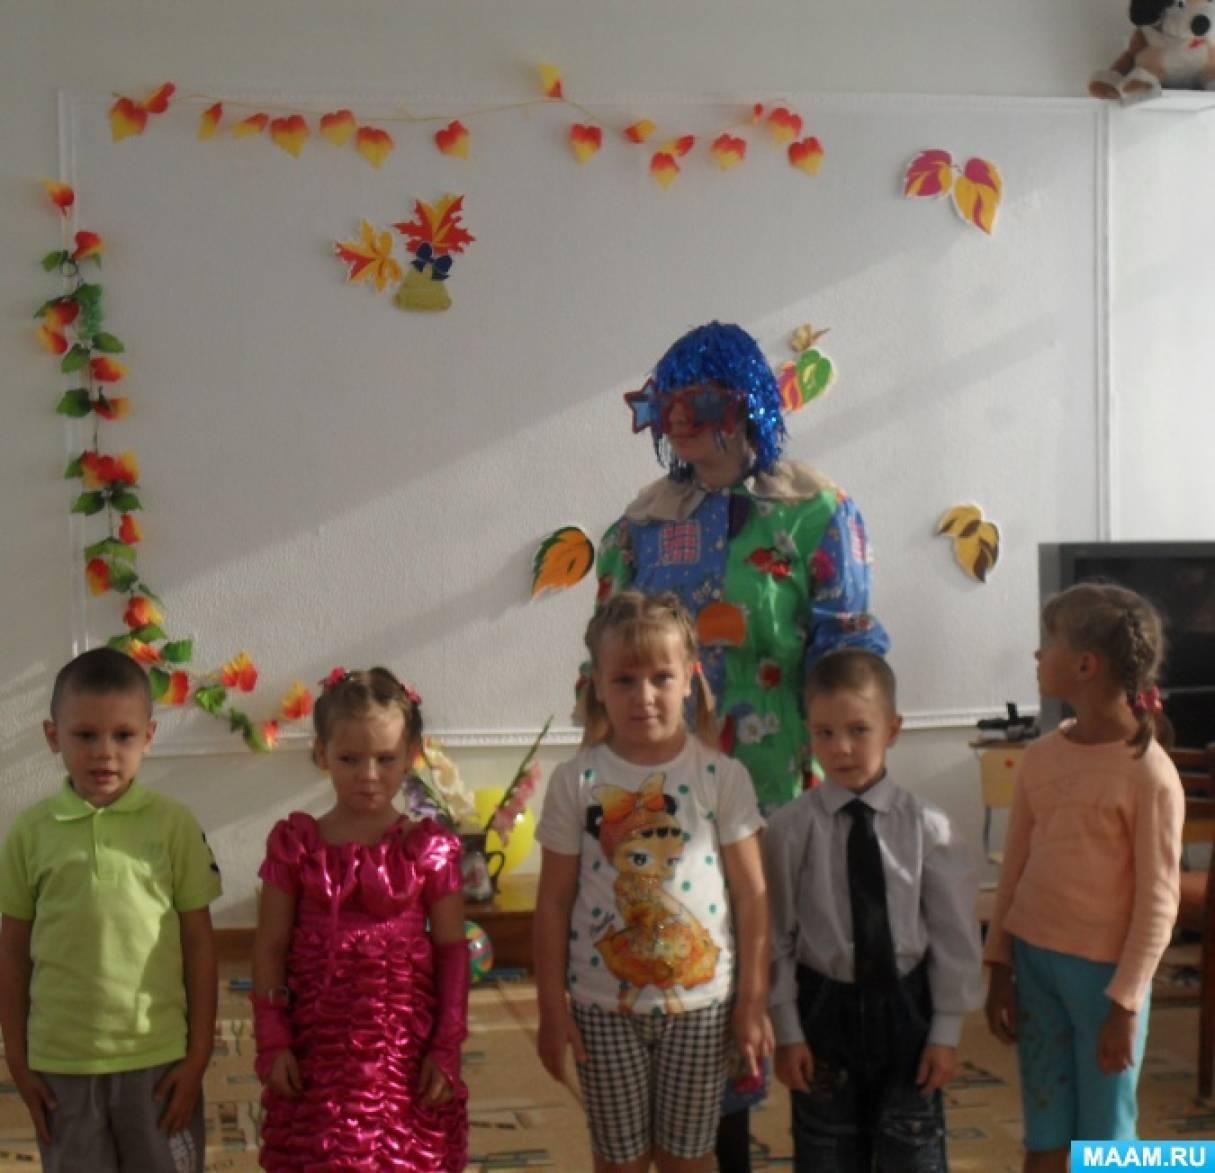 Сценарий праздничного мероприятия «День Знаний с клоунессой Ириской, Незнайкой и Дедом Морозом»